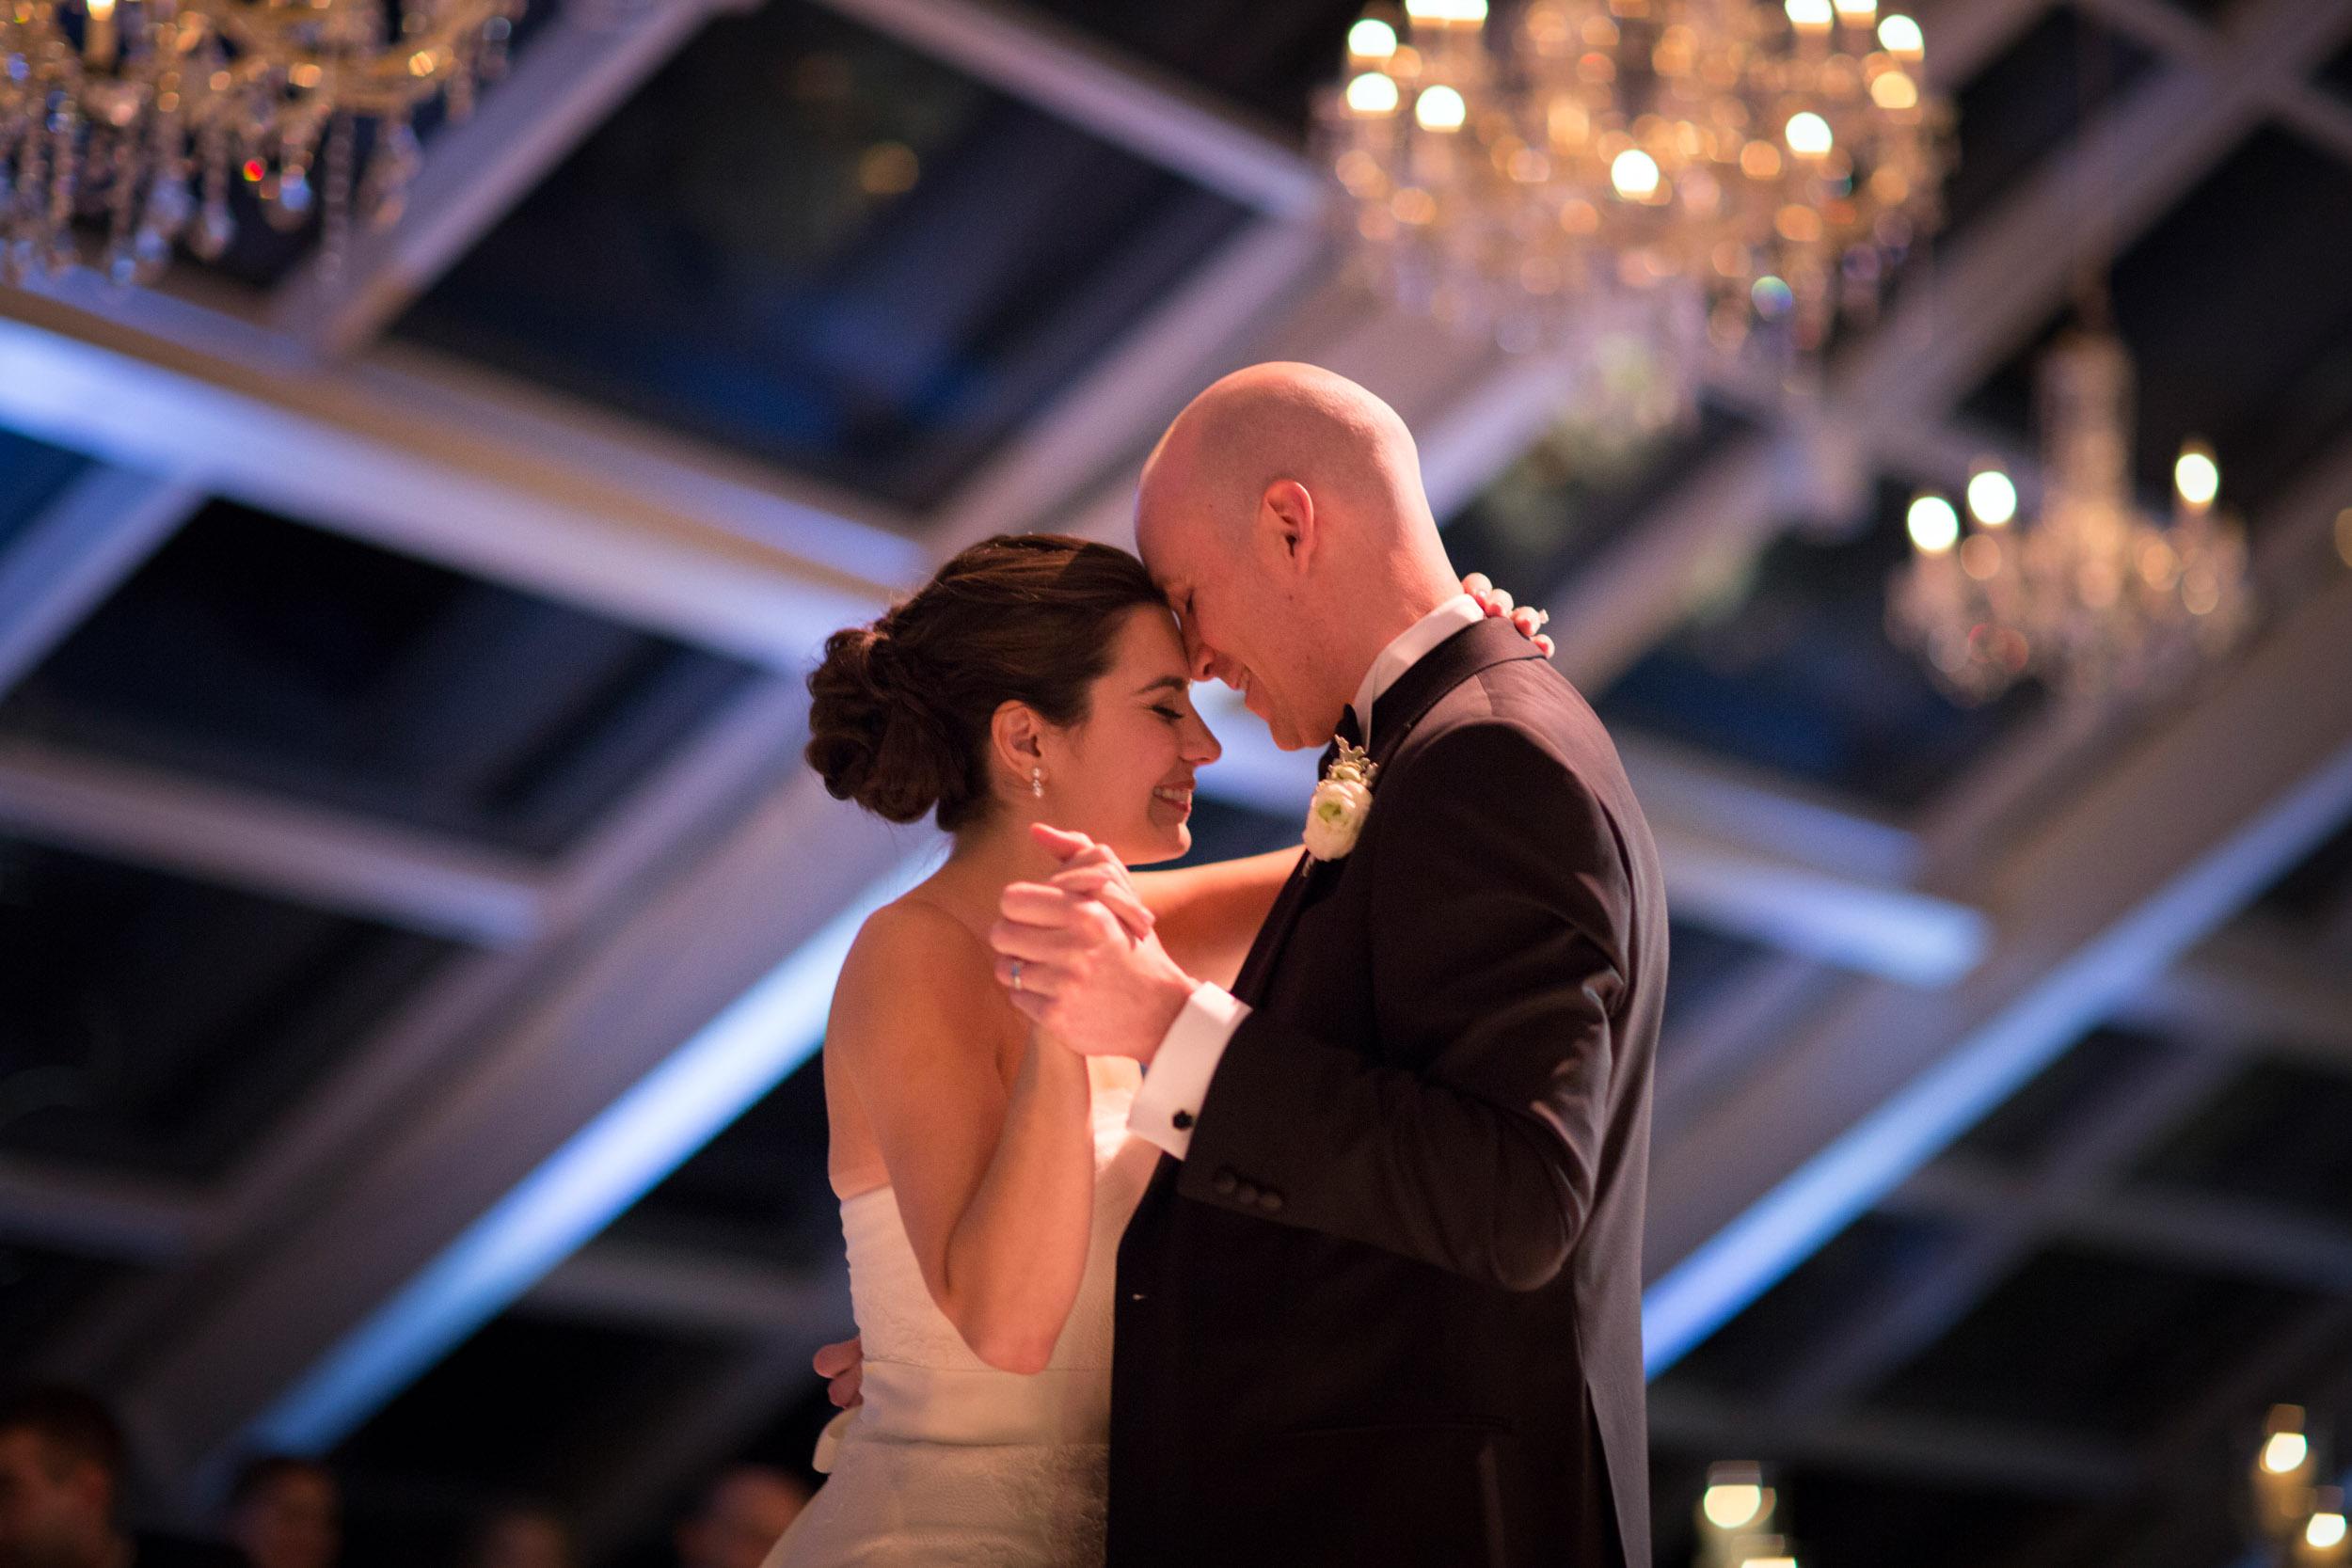 chicago-wedding-photos-studio-this-is-jack-schroeder-3.jpg